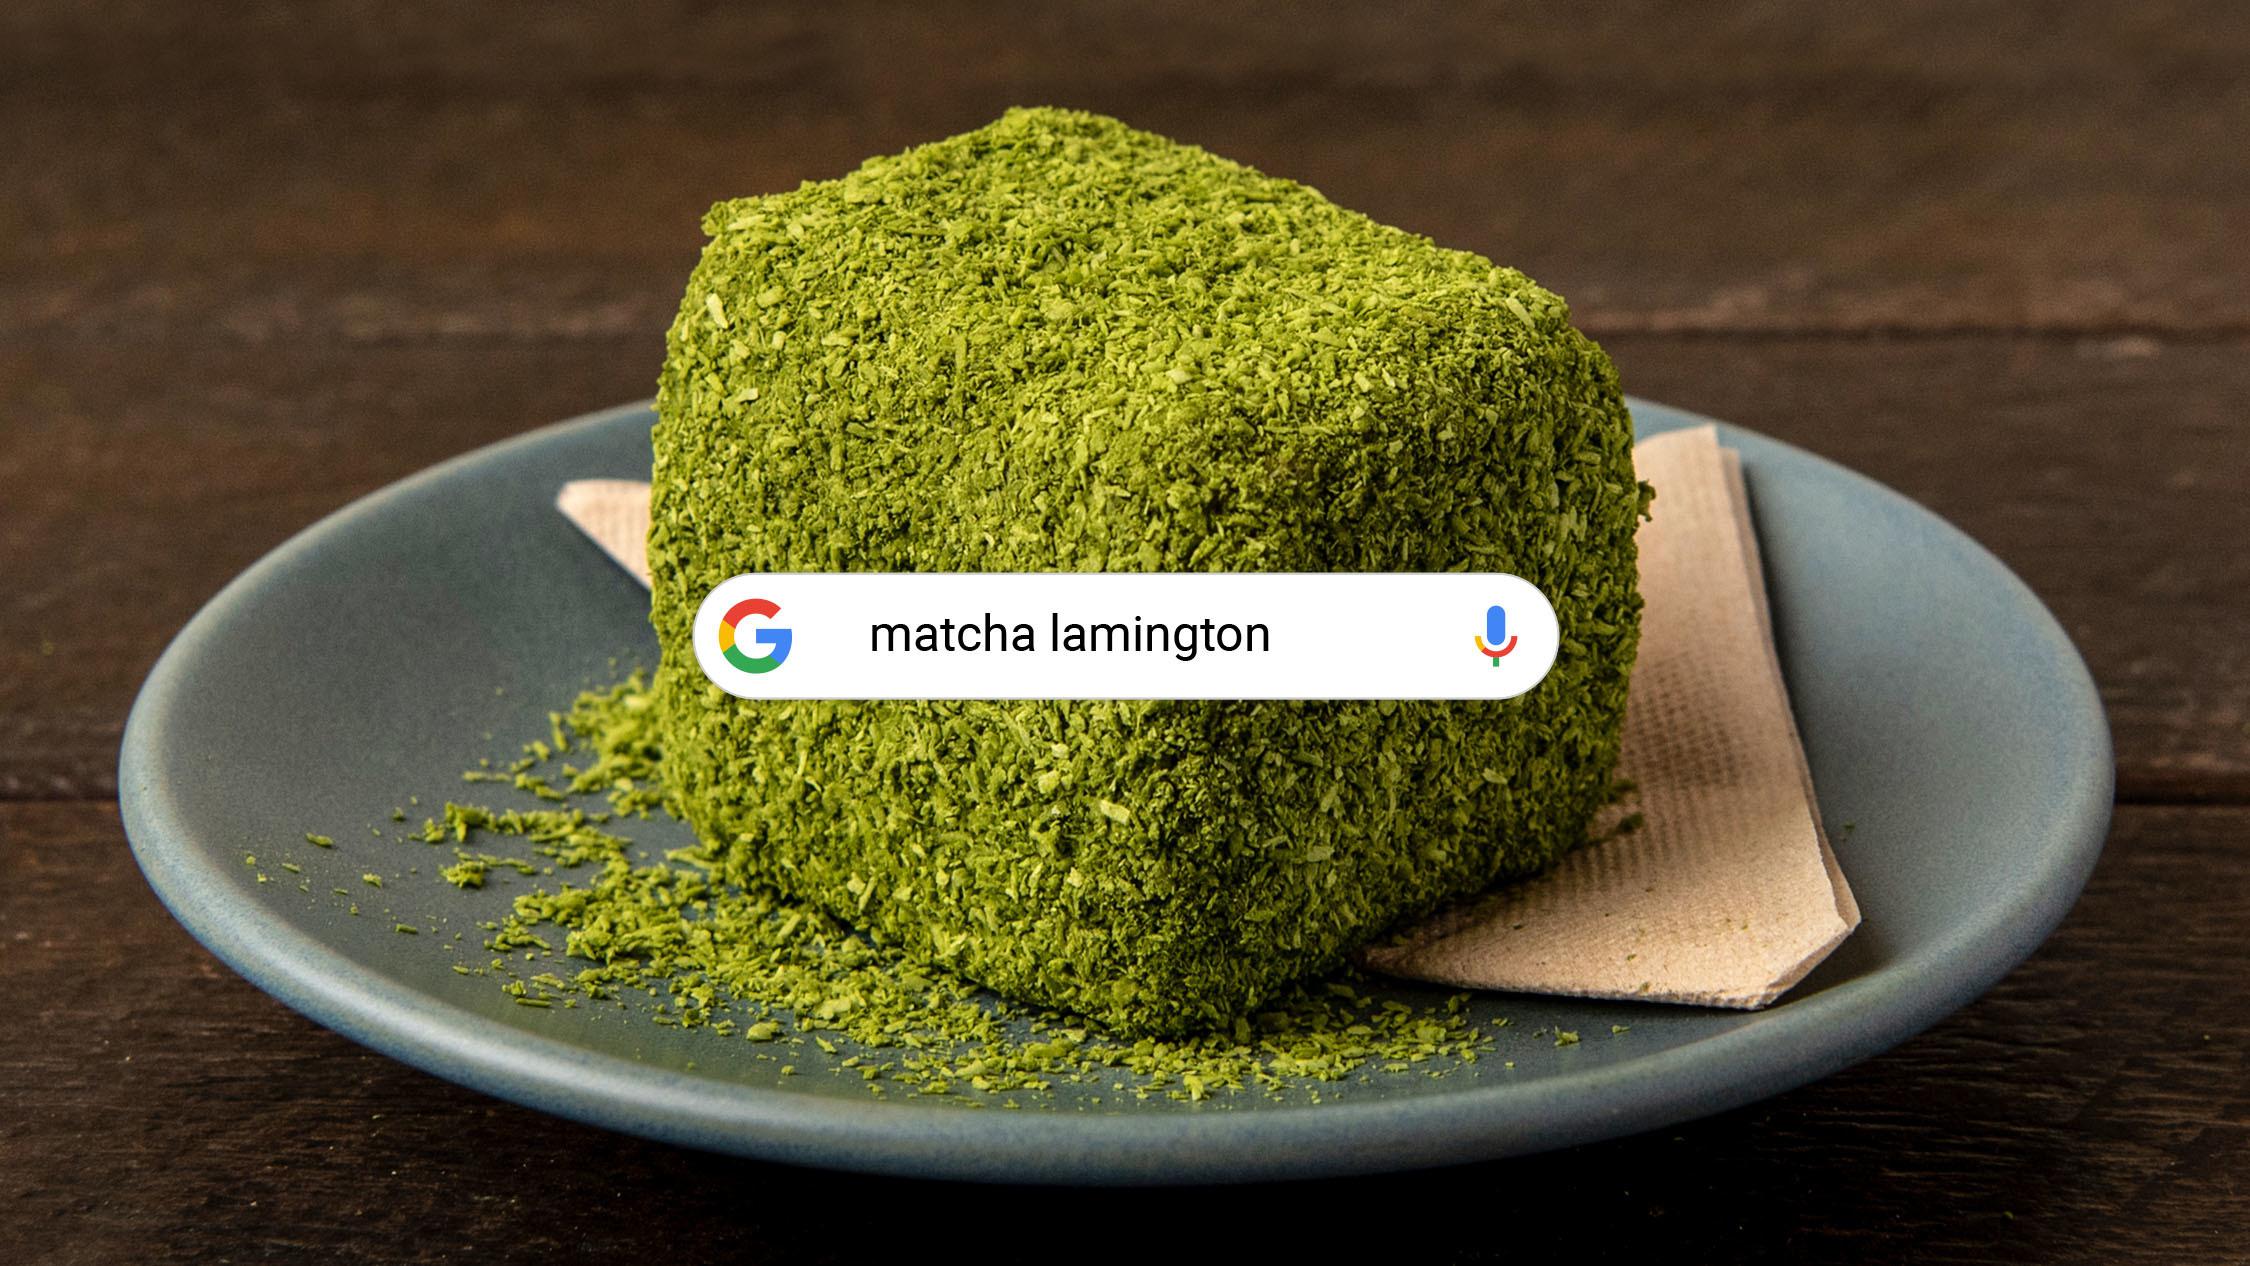 Matcha Lamington at Café Oratnek